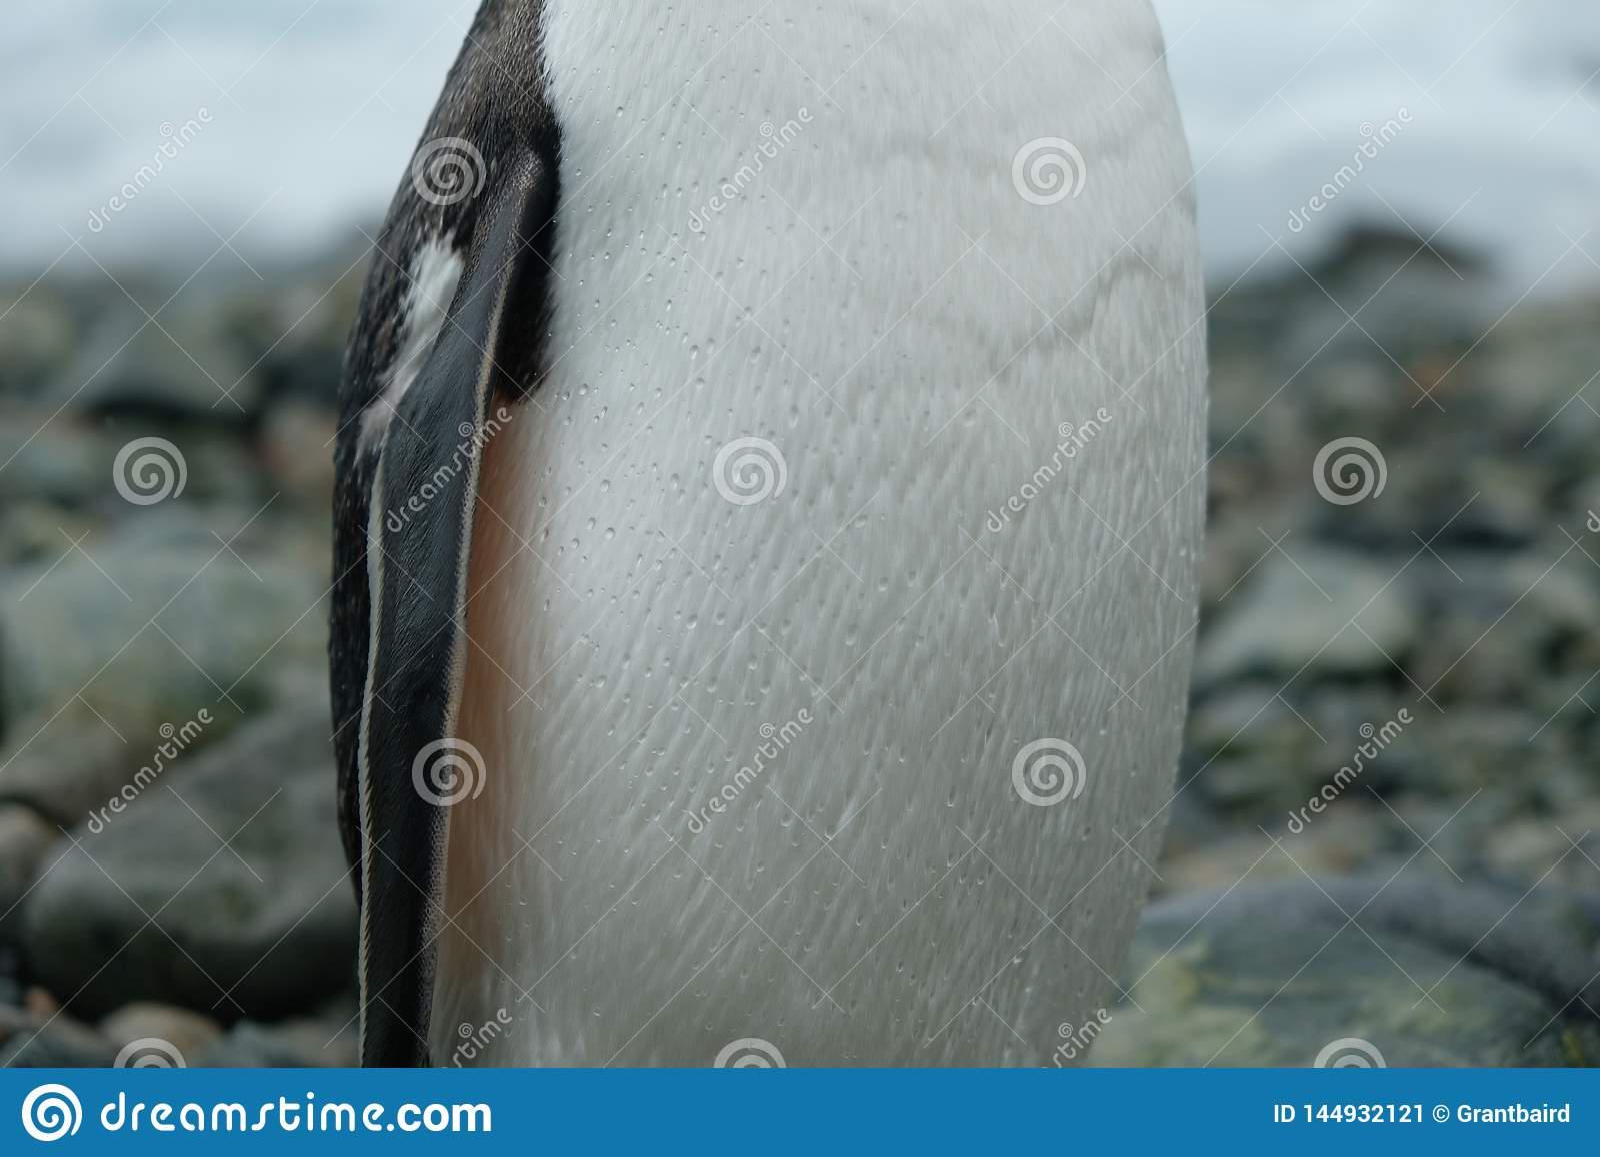 Στάσεις της Ανταρκτικής Gentoo penguin στη δύσκολη παραλία με τις πτώσεις νε